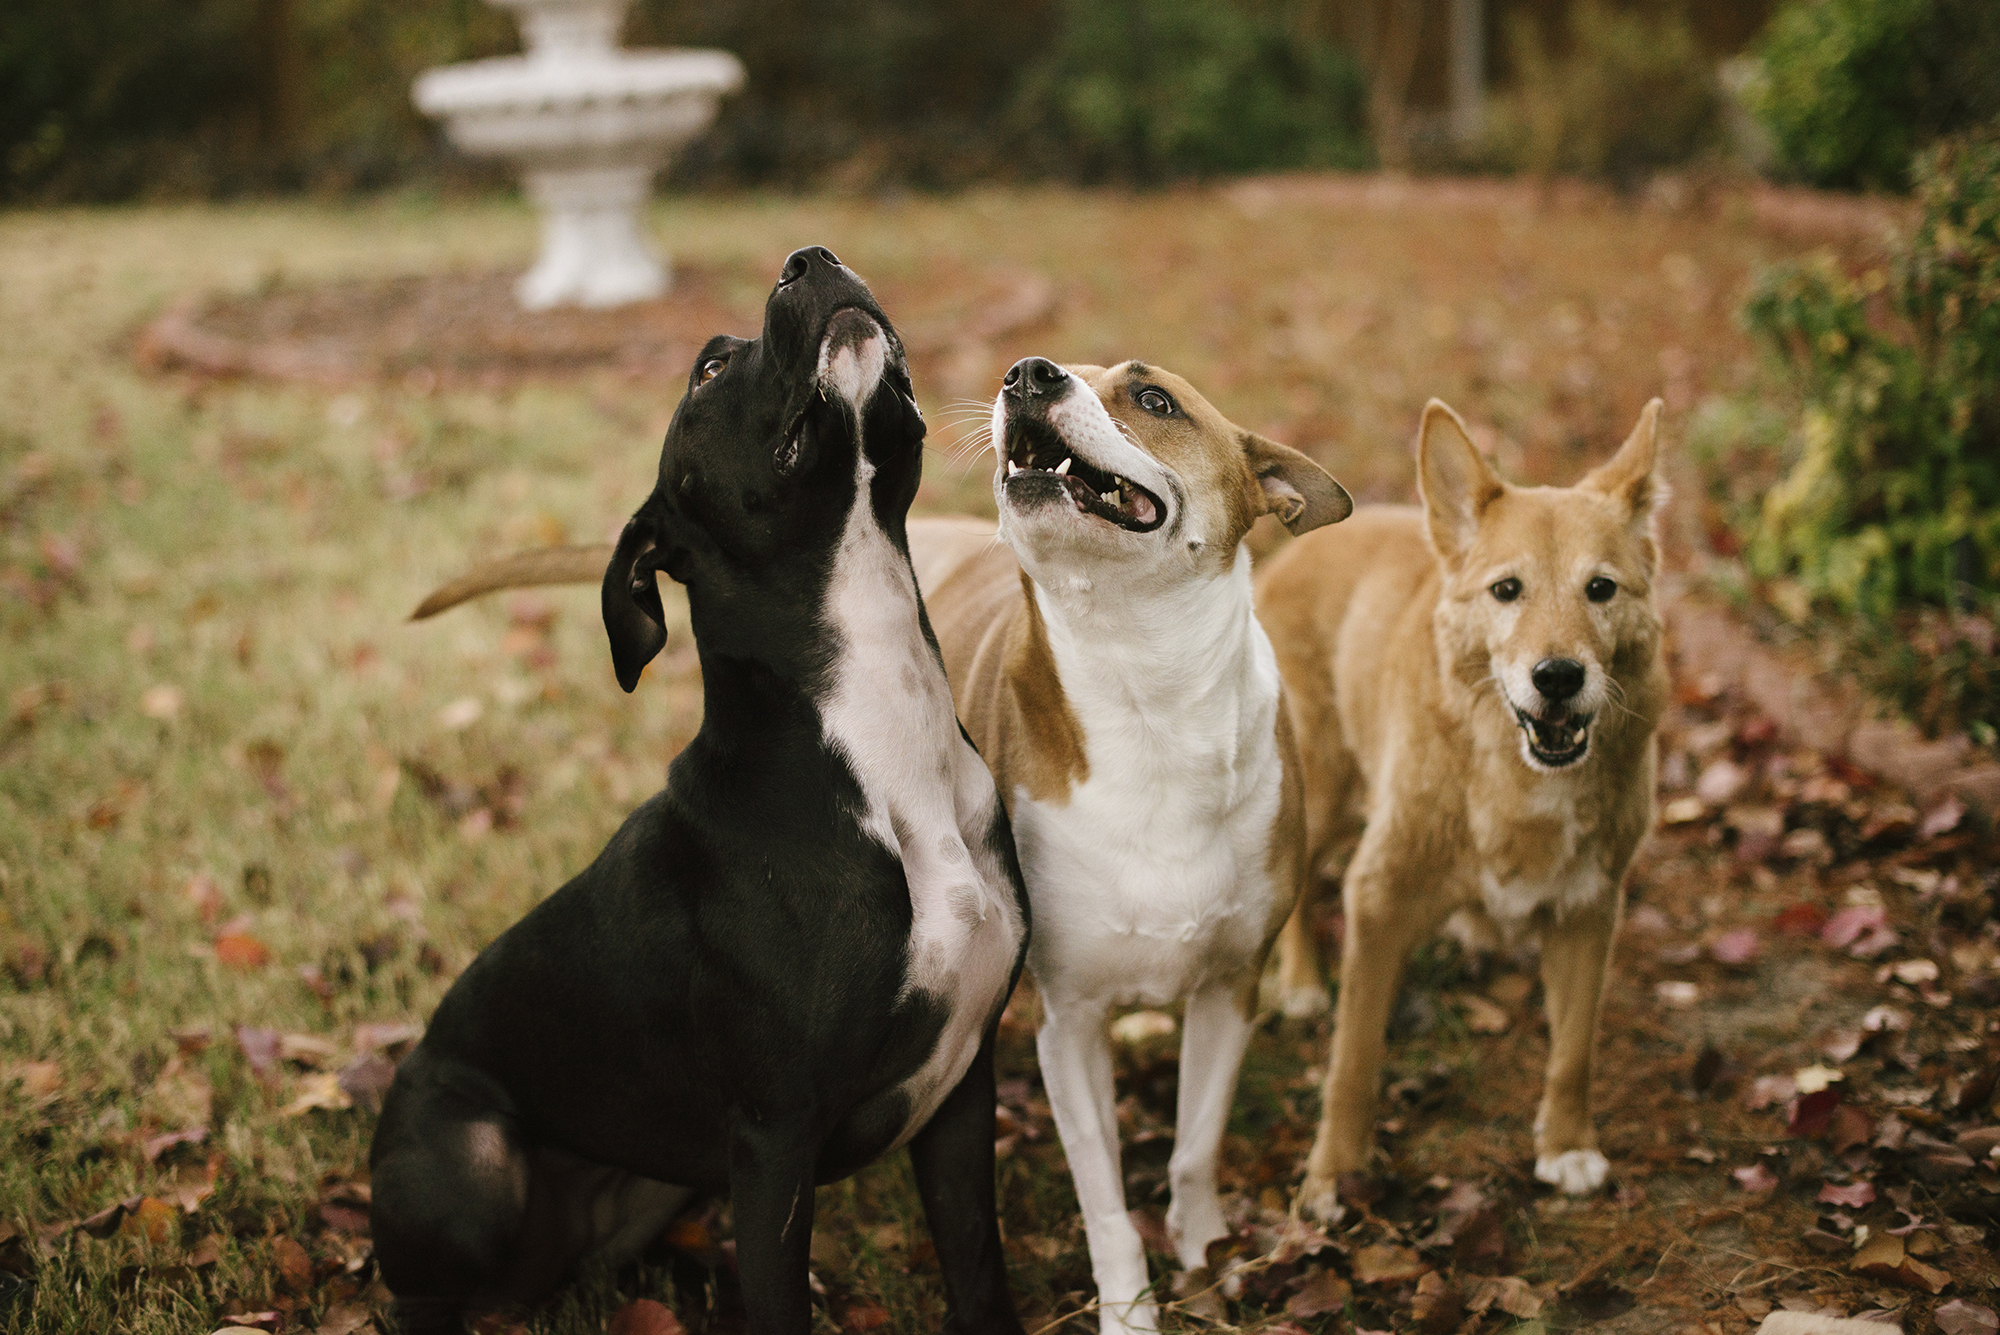 doof, doofer, and doofest.jpg